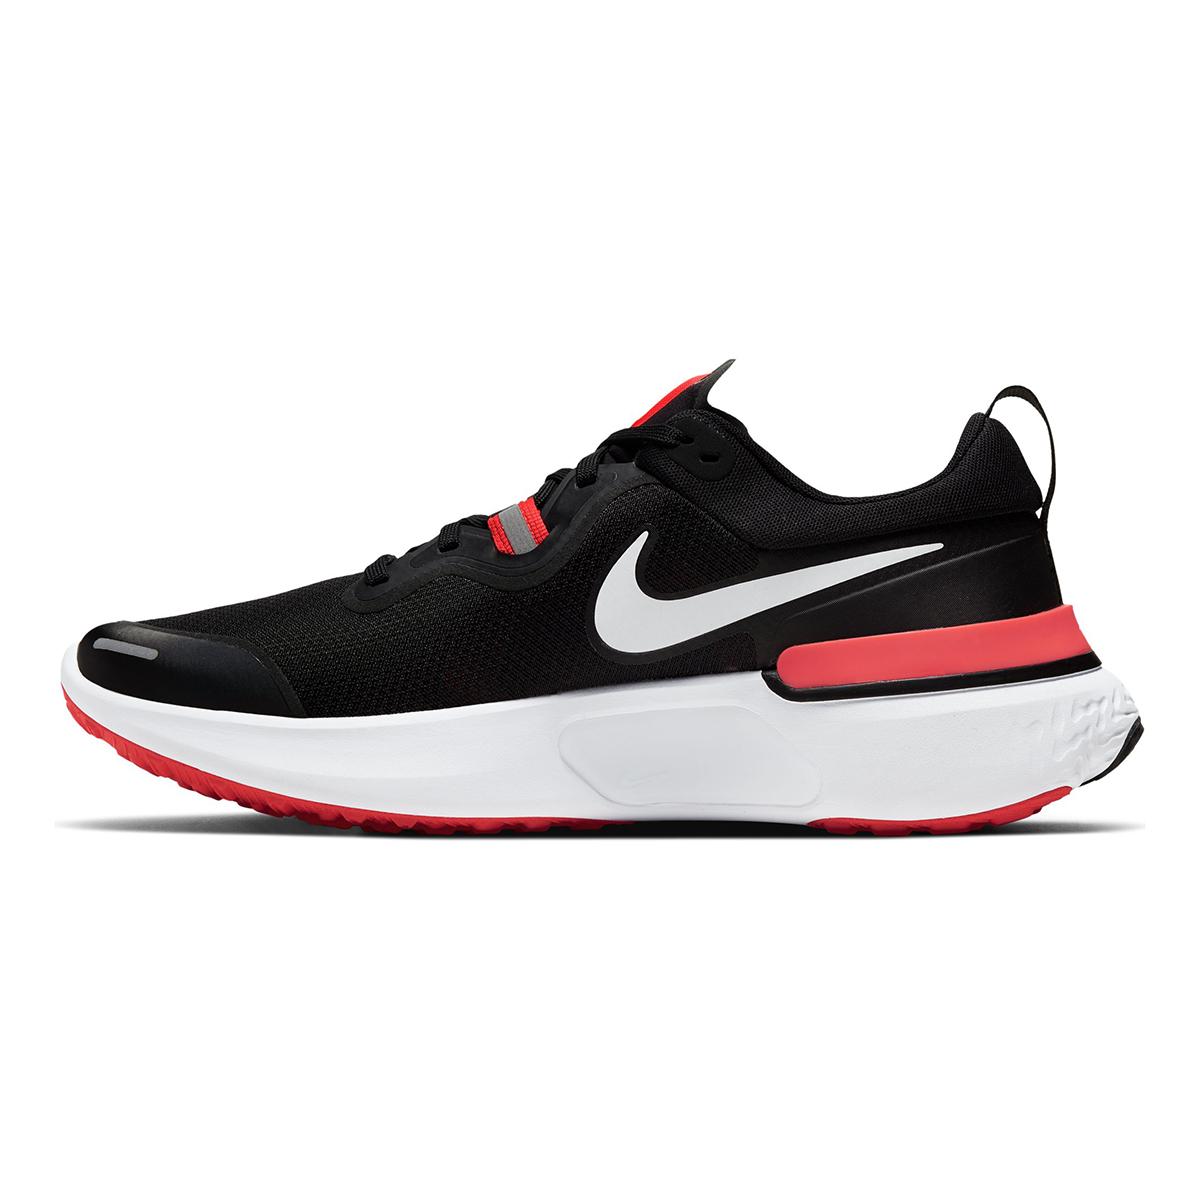 Men's Nike React Miler Running Shoe - Color: Black/Laser Crimson/Oil (Regular Width) - Size: 6, Black/Laser Crimson/Oil, large, image 2